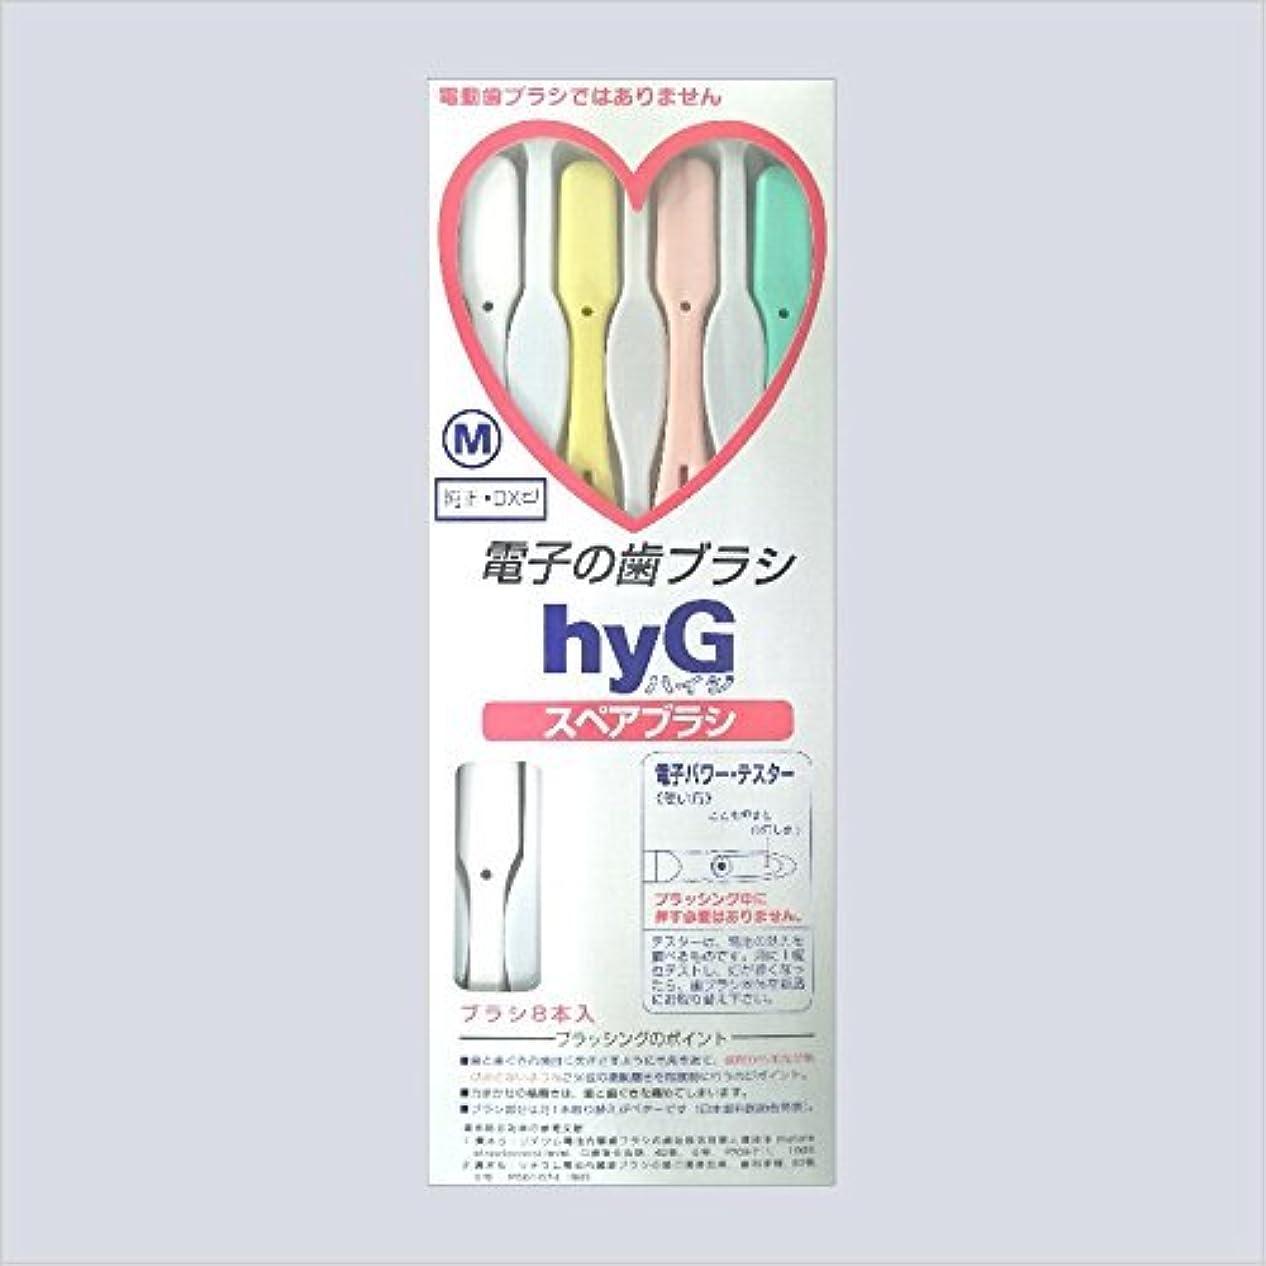 所得悲しみとげのある電子の歯ブラシ ハイジ(hyG)?スペアブラシ <ブラシの硬さ:Hかため> (※こちらは「スペアブラシ」です )?hyG-DX型